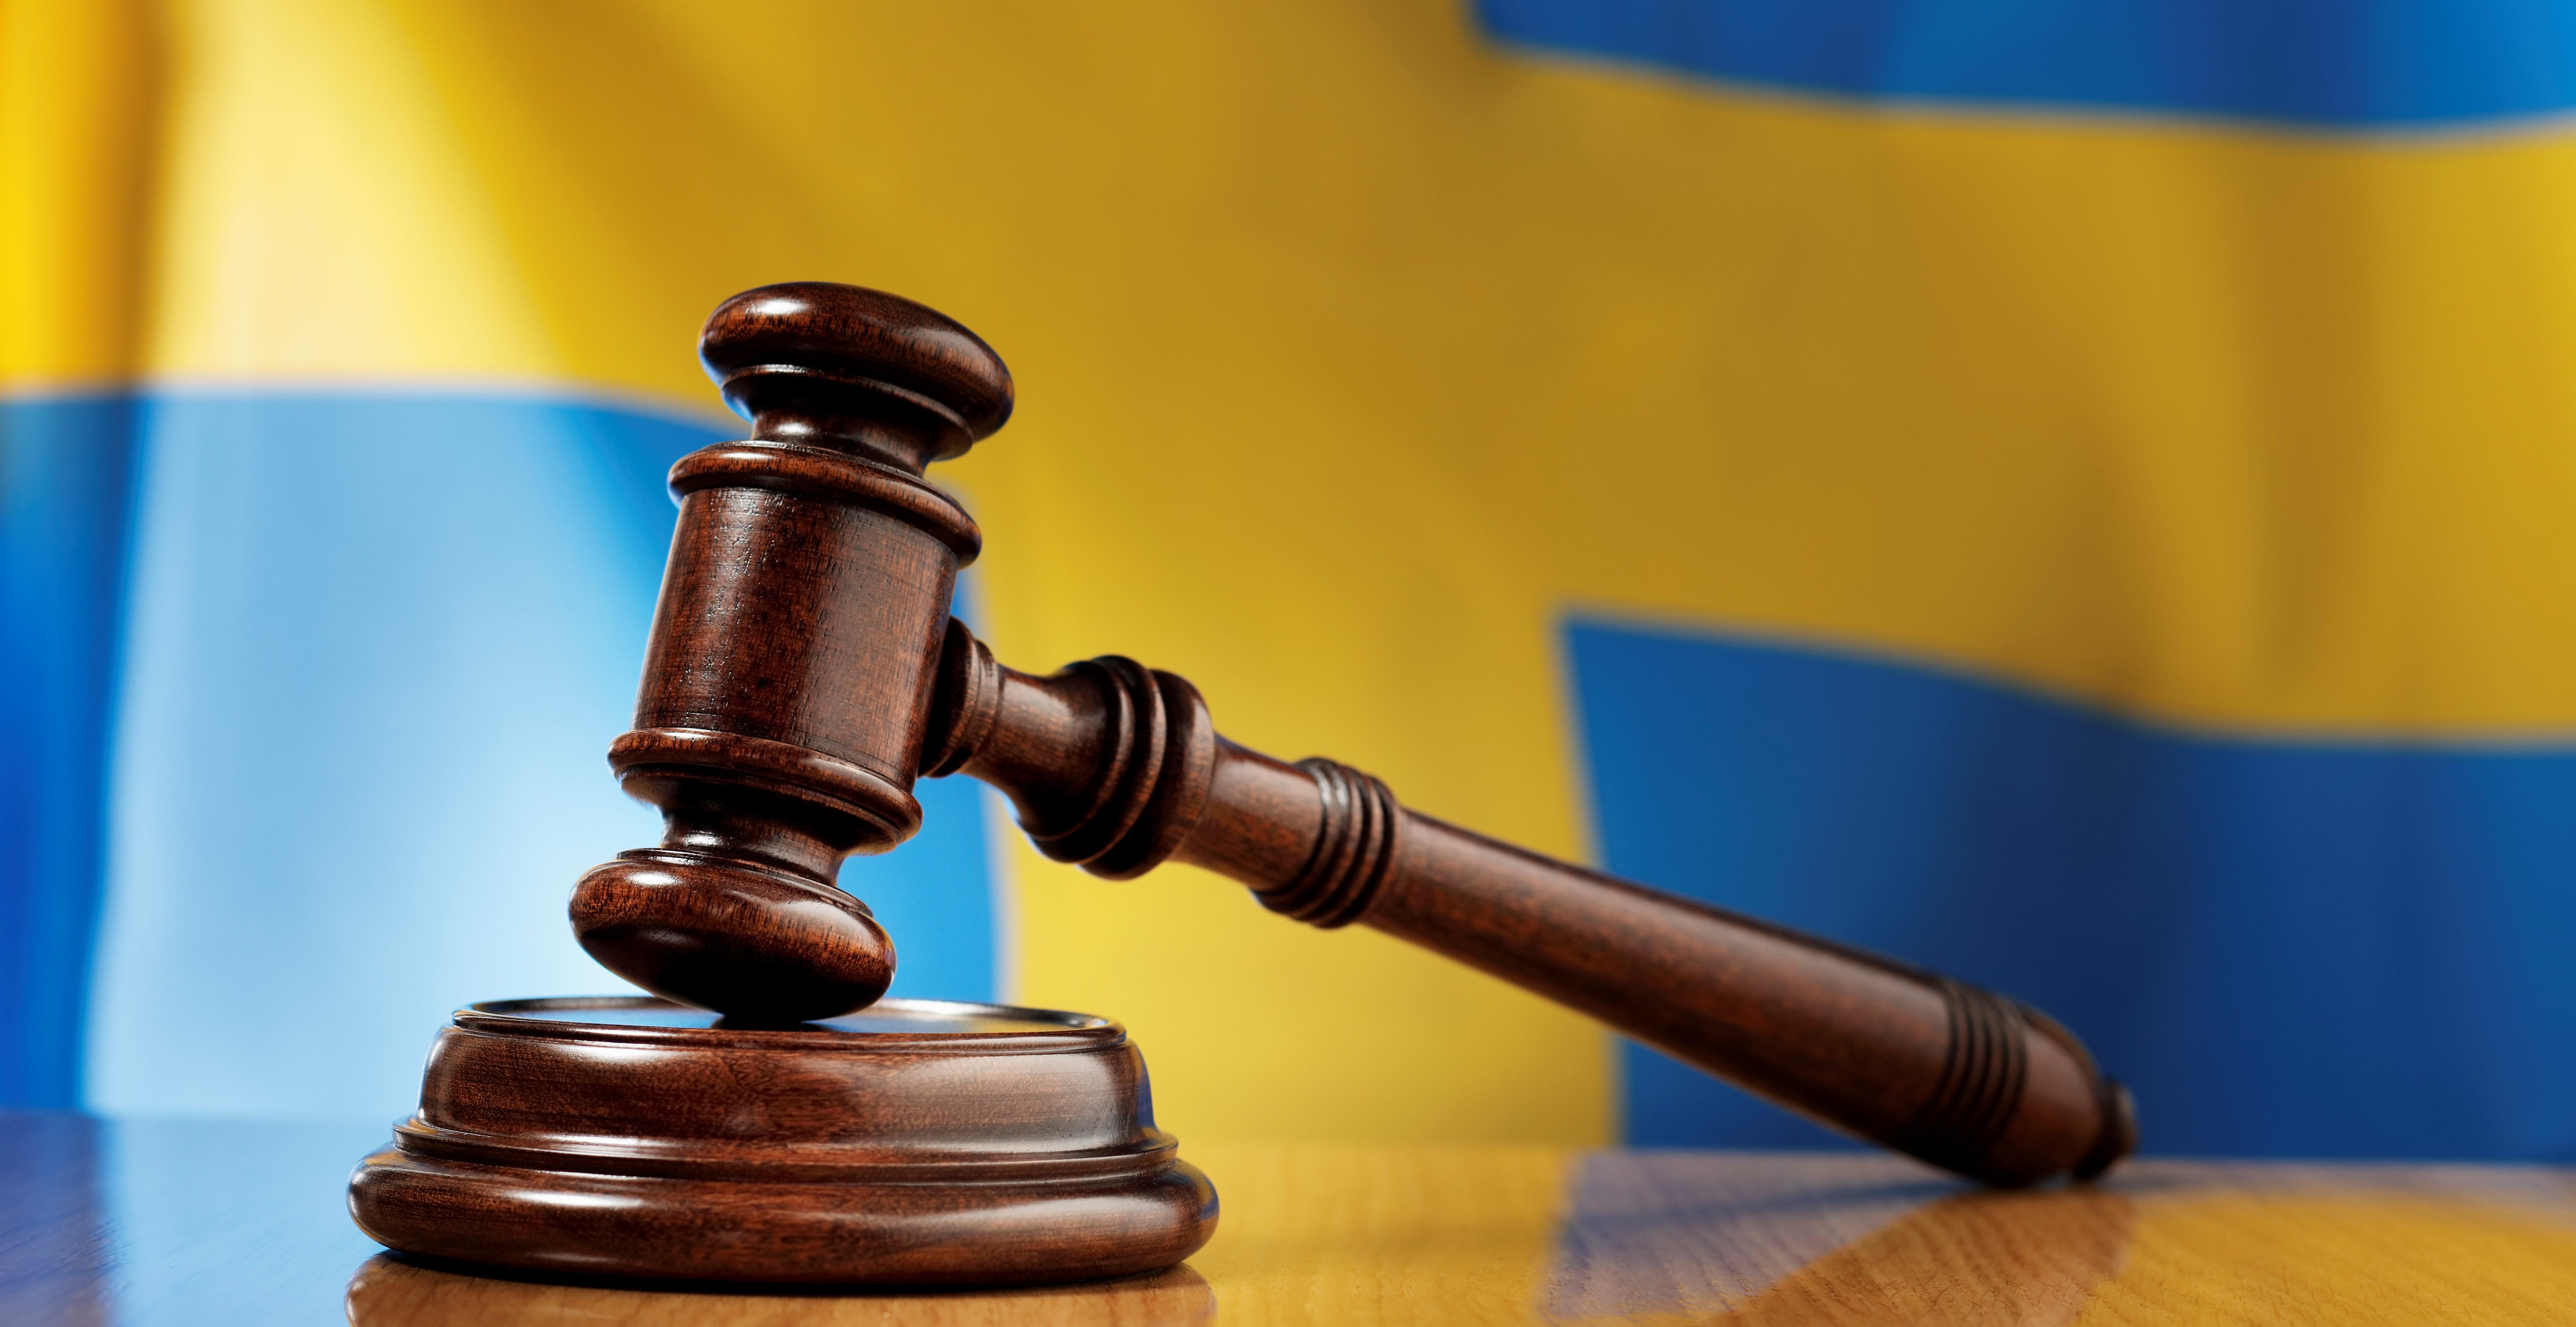 Anbud365: OK å avvise en leverandør for alvorlig yrkesfeil selv om han ikke er dømt